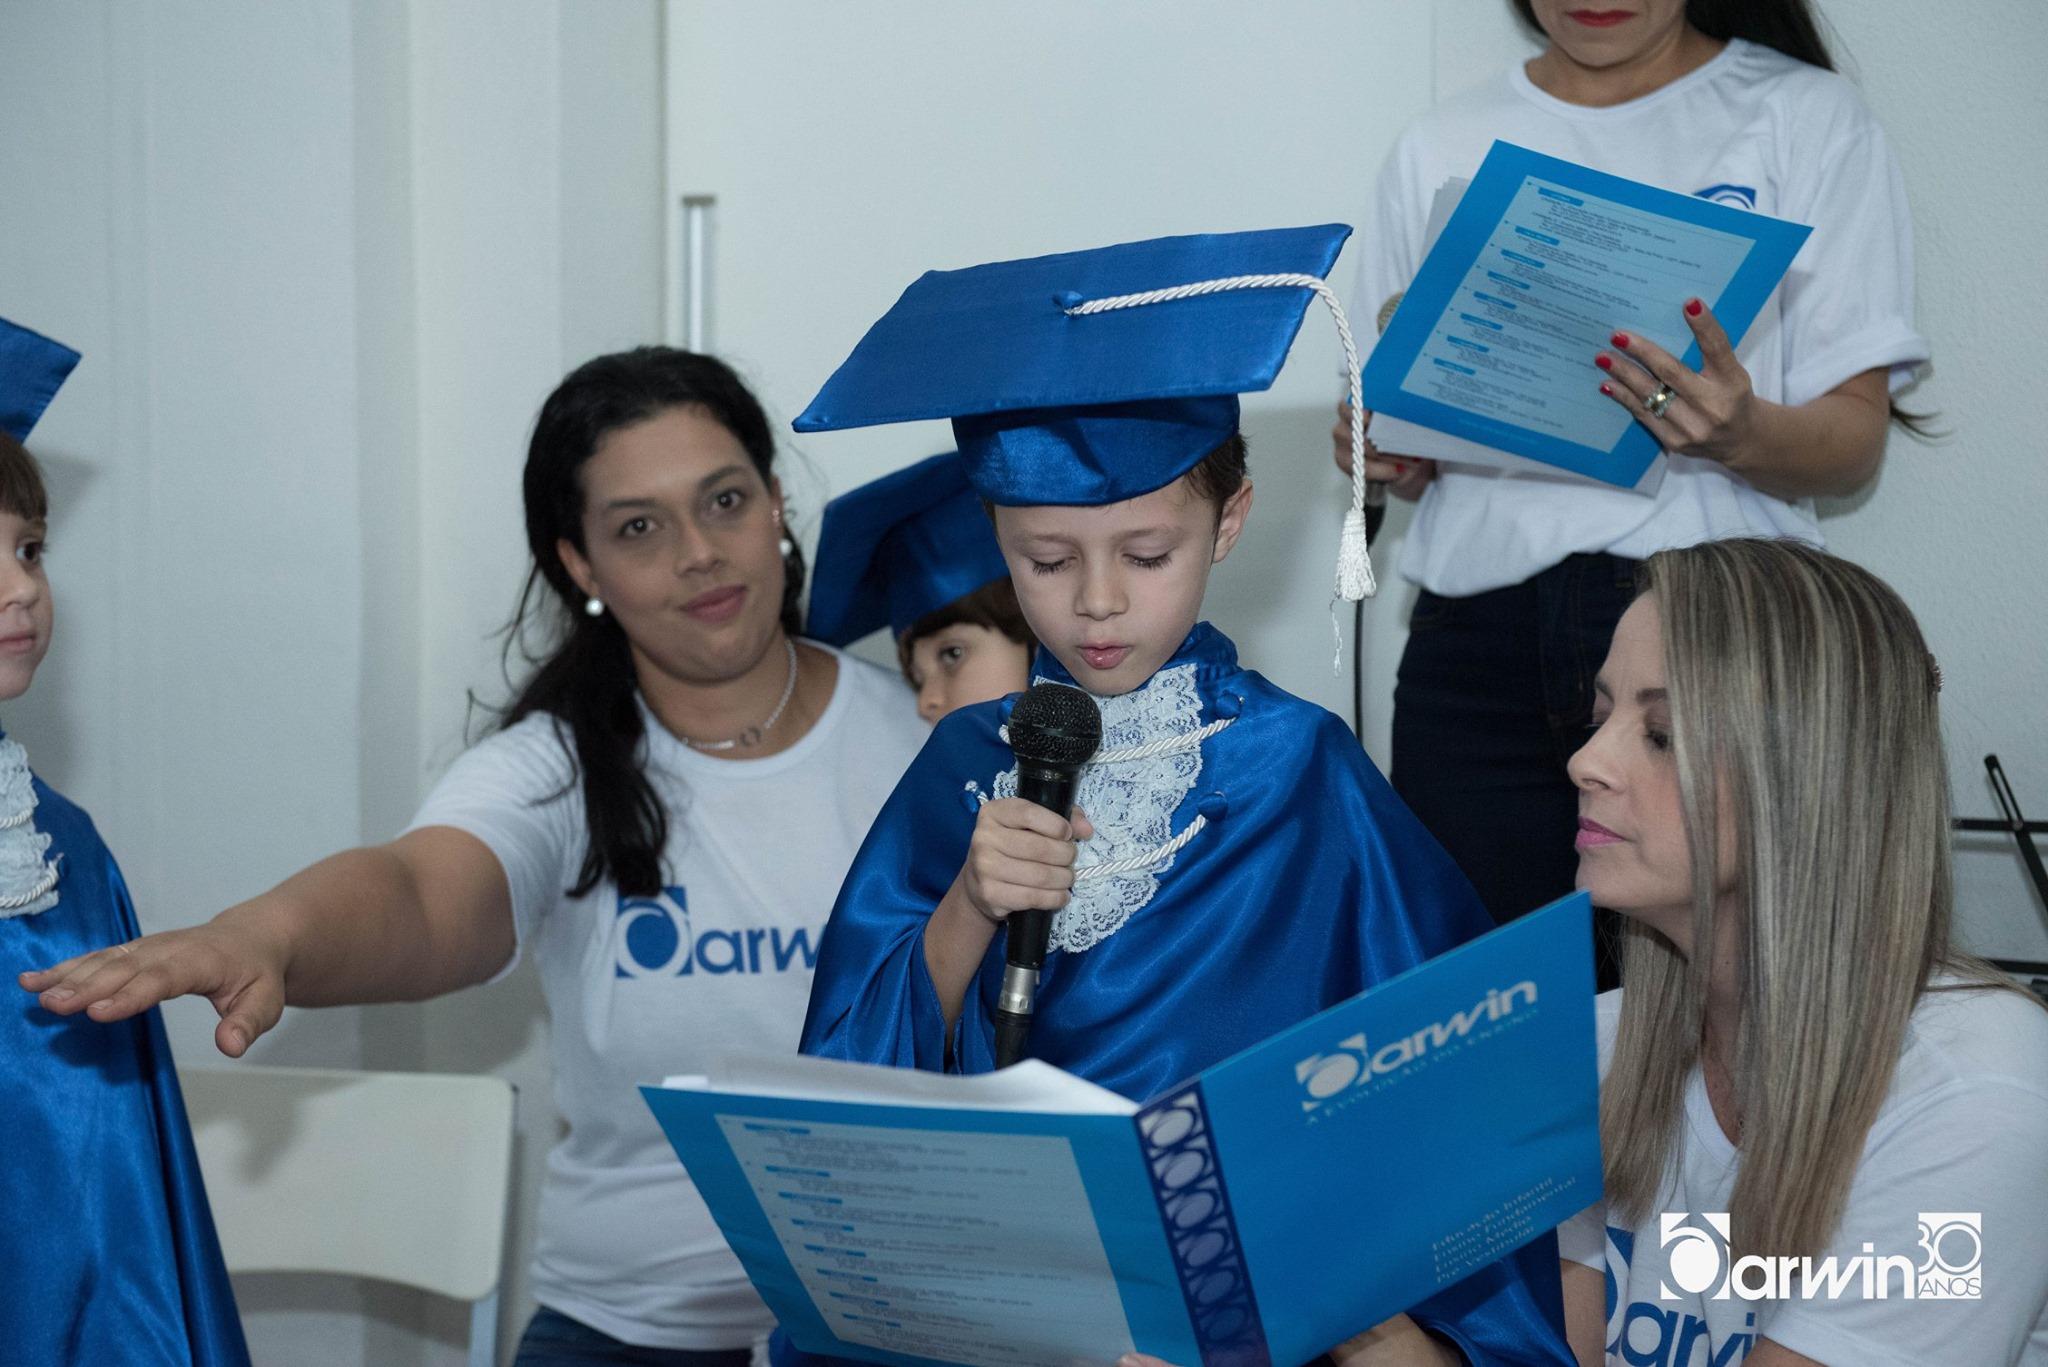 Formatura da Educação Infantil emociona famílias